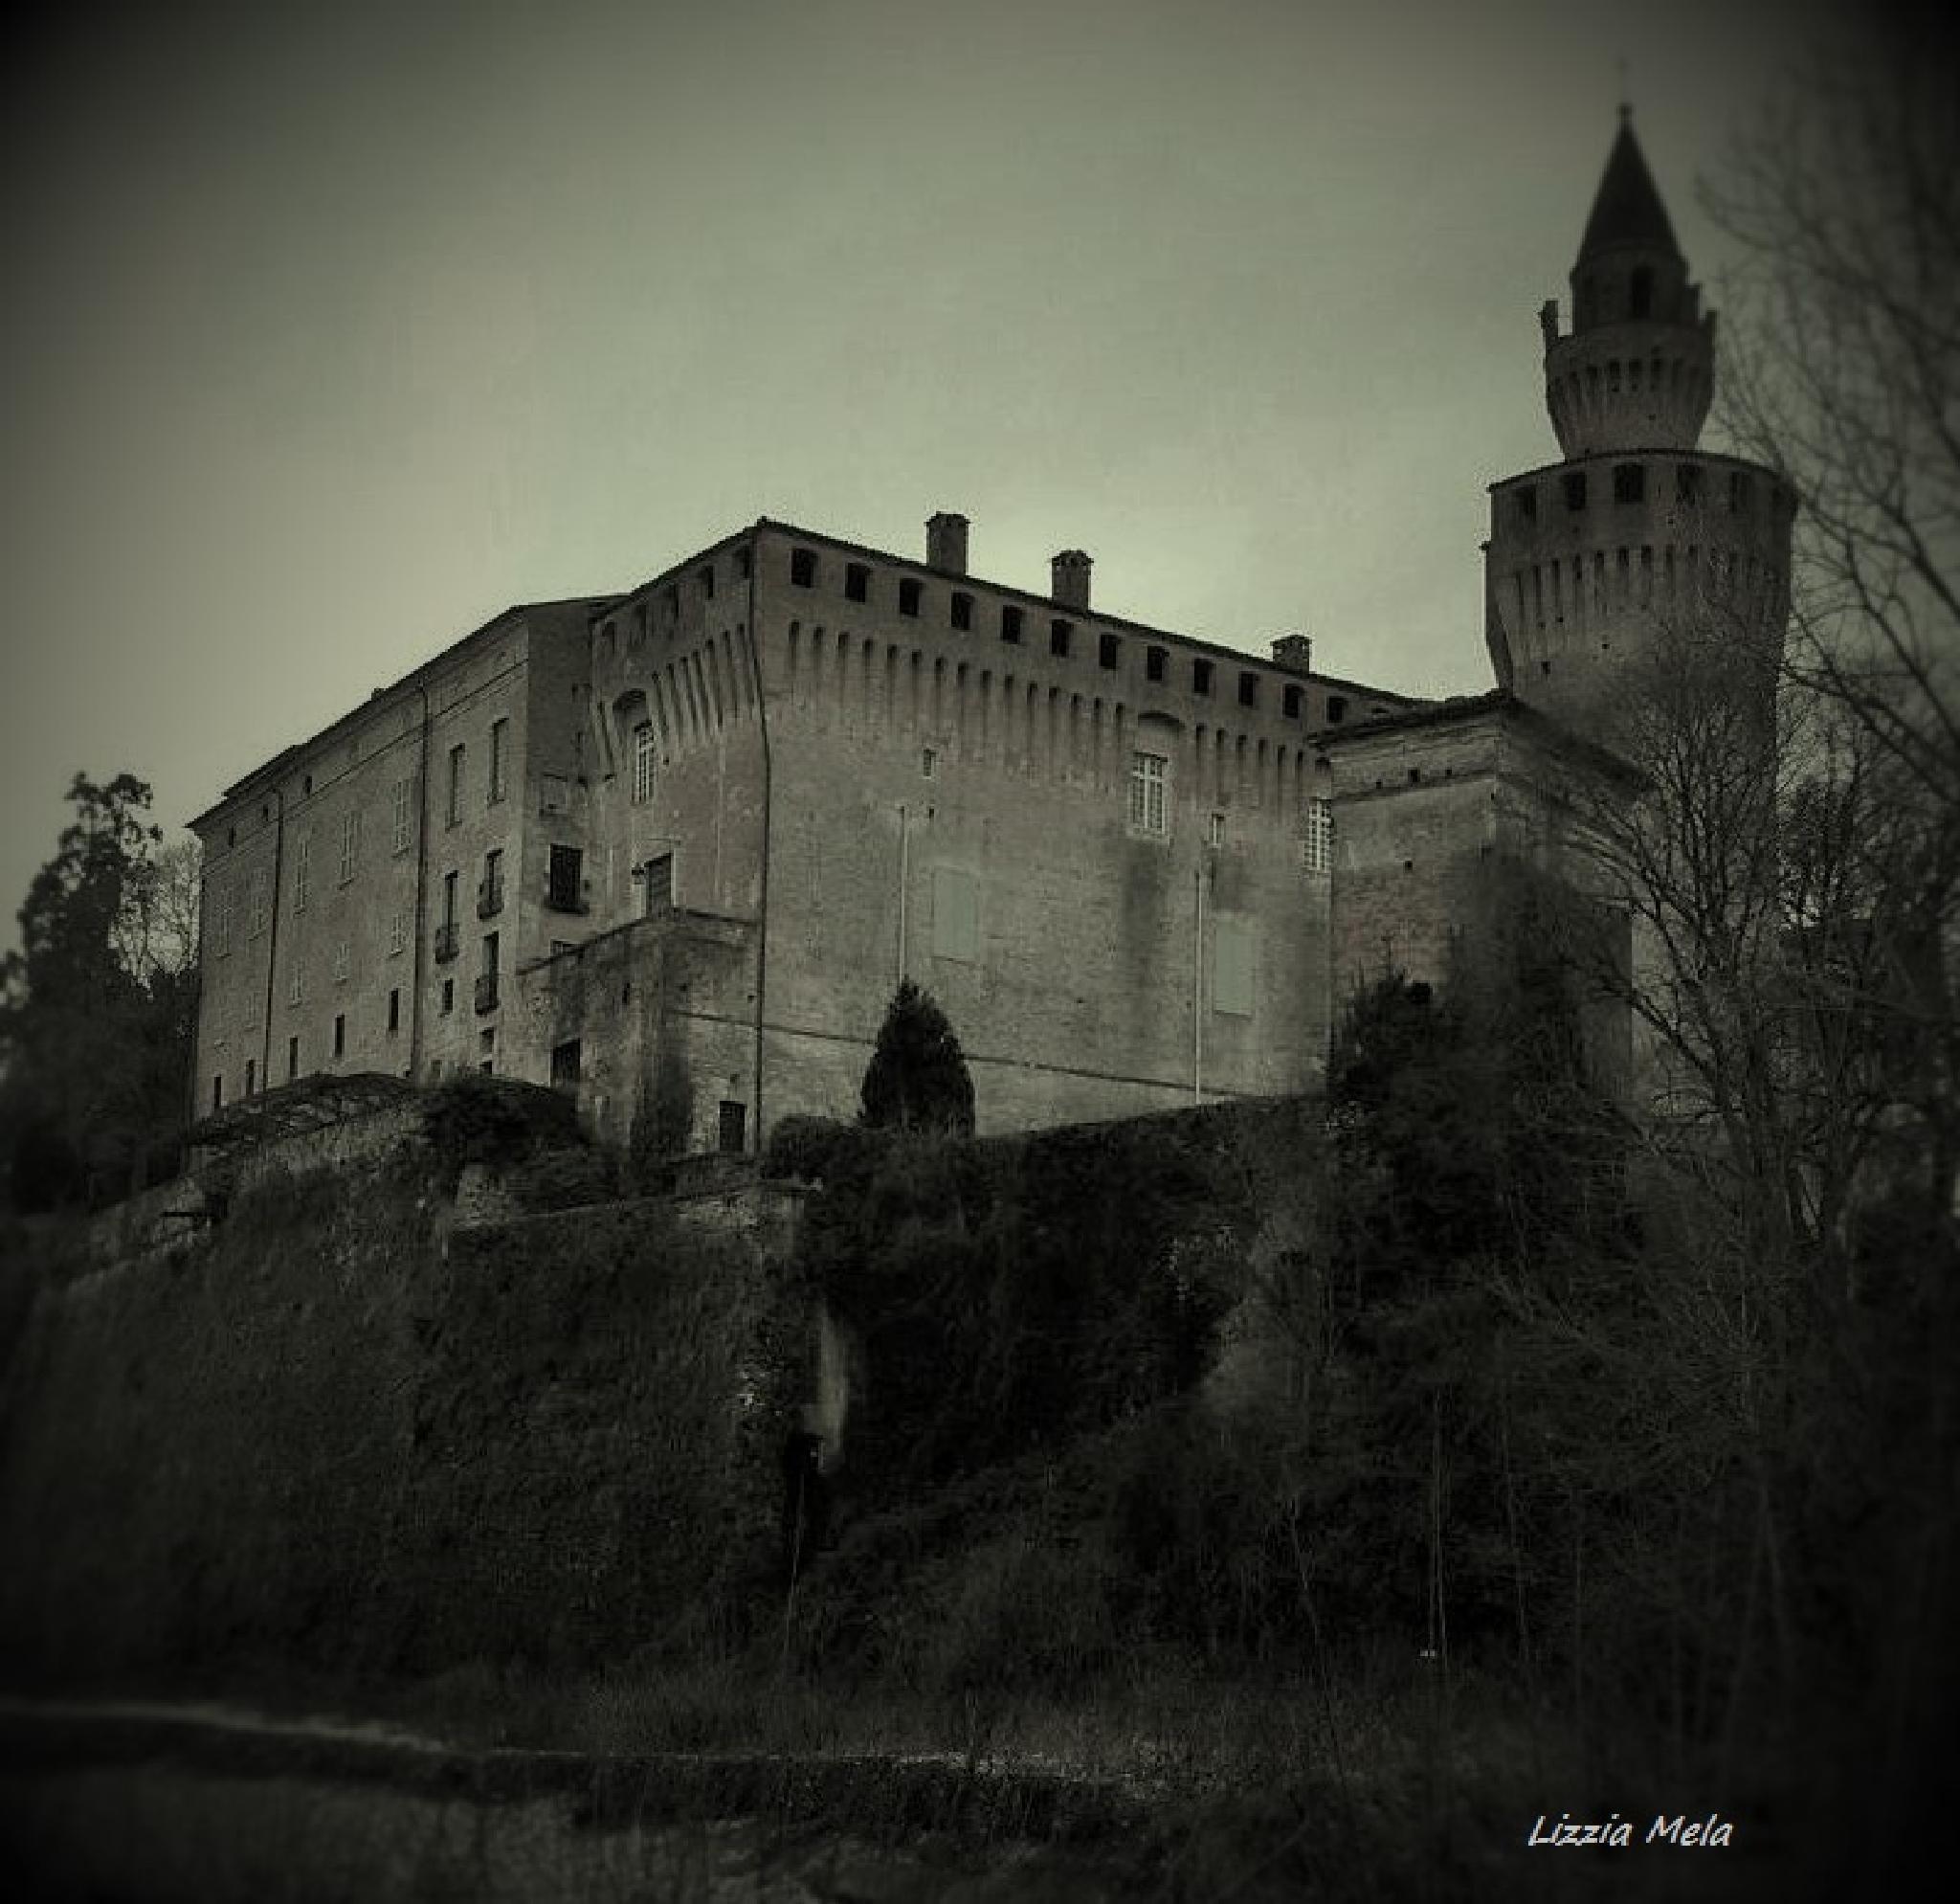 Rivalta castle (Piacenza - Italy) by lizzia.mela